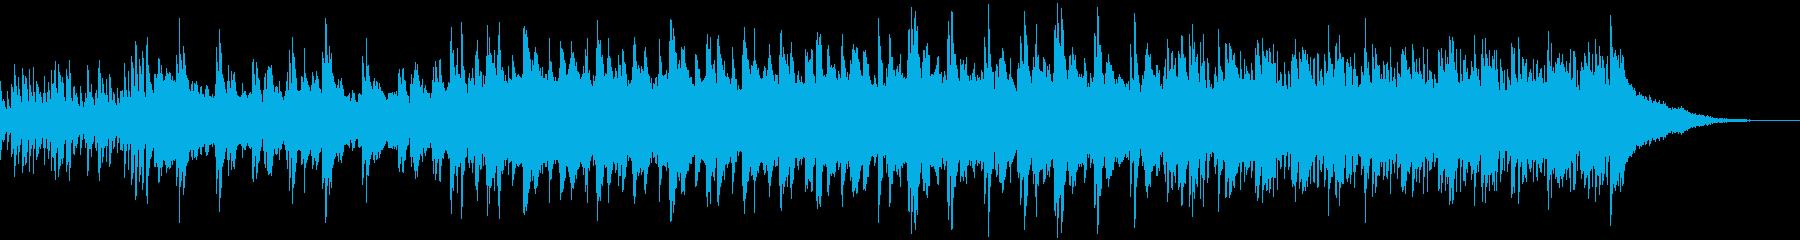 さりげなく少し切ないピアノのBGMの再生済みの波形